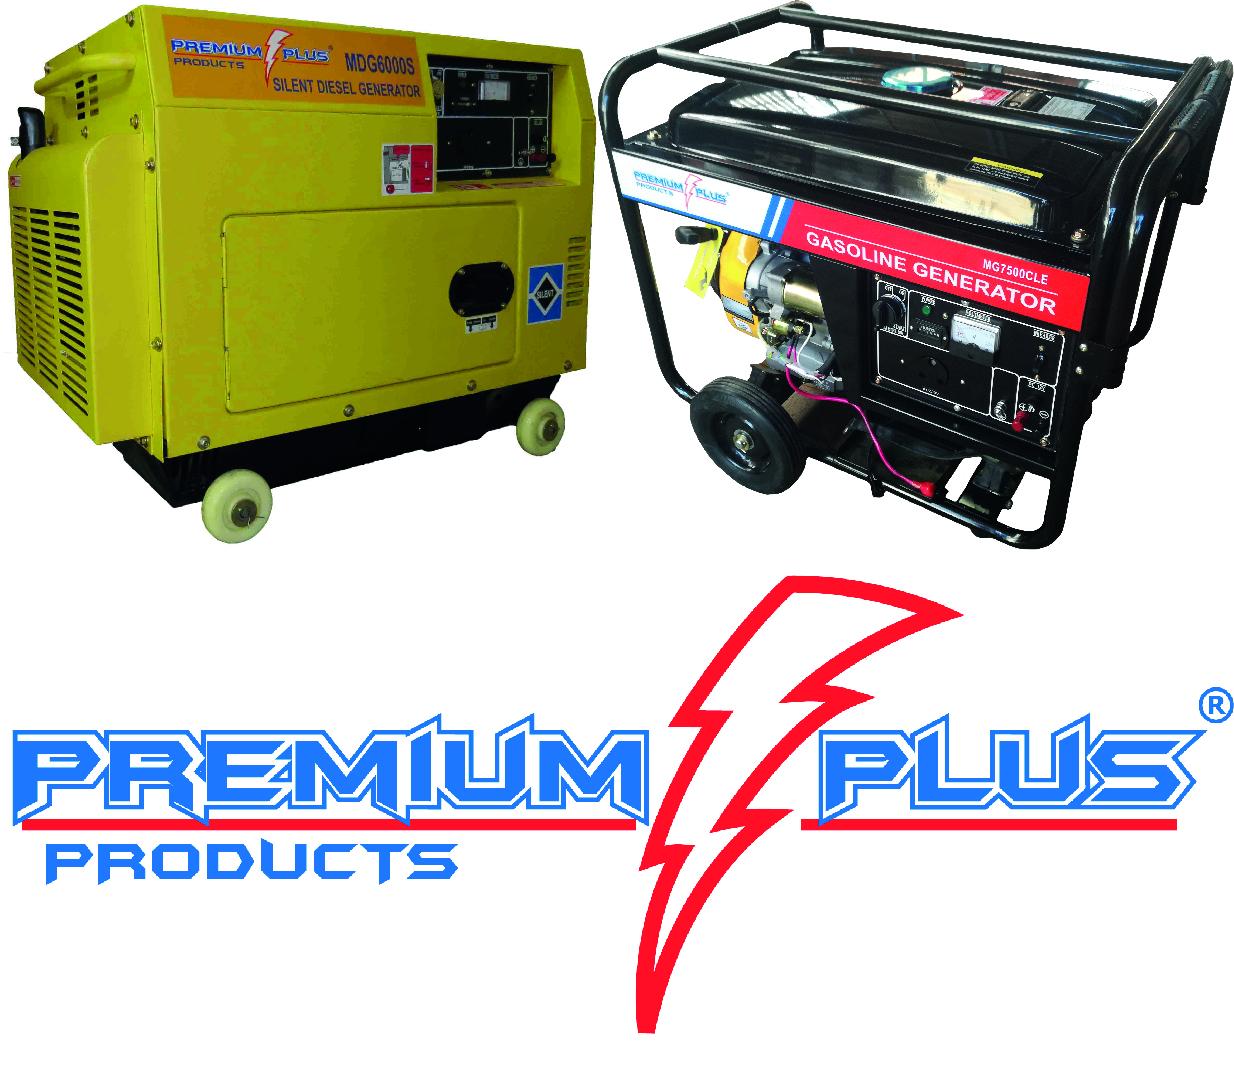 Premium Plus Generators